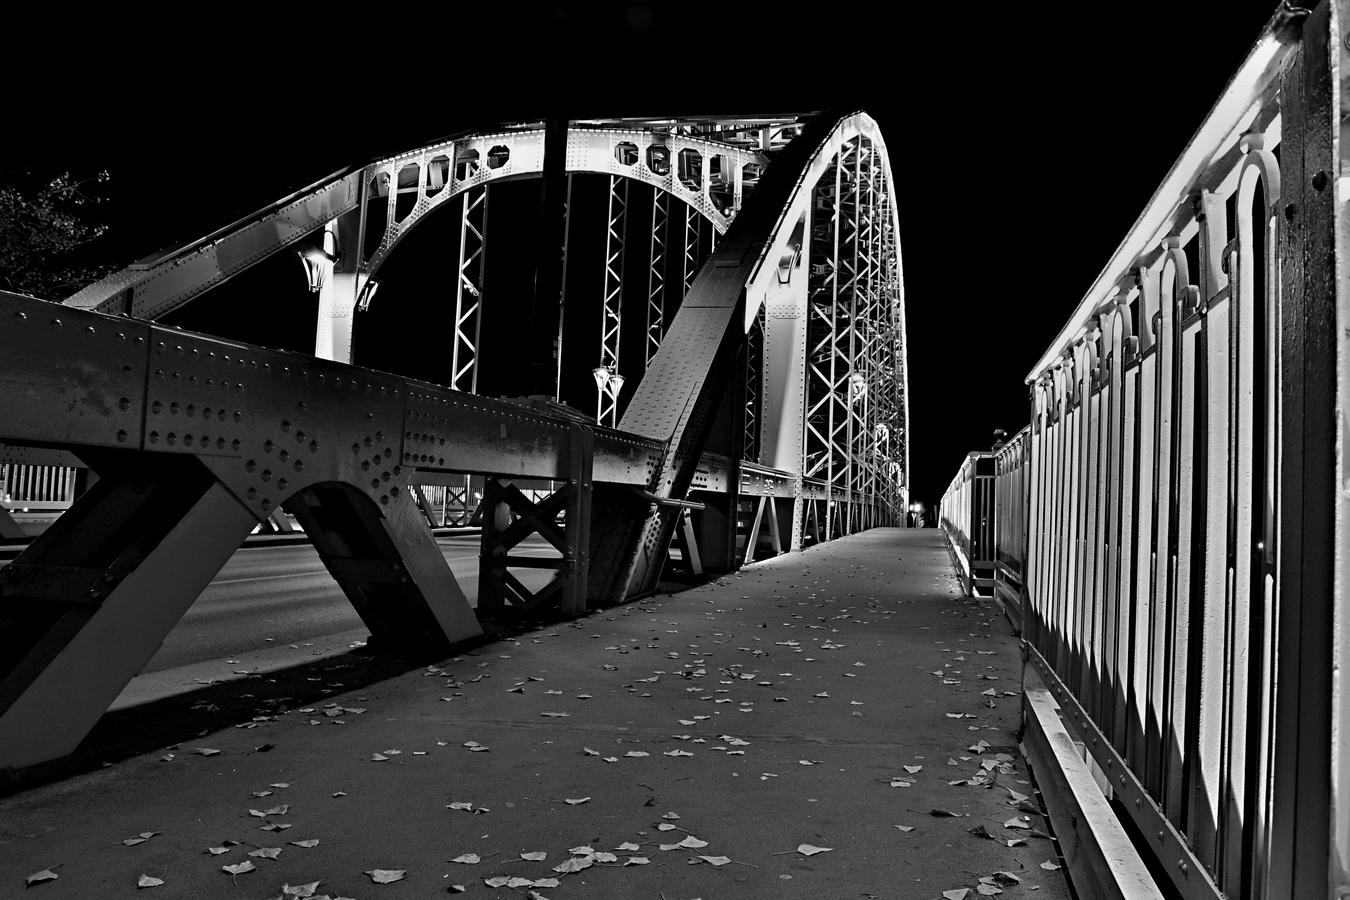 Osvětlený most v maďarském Gyoru z druhá strany